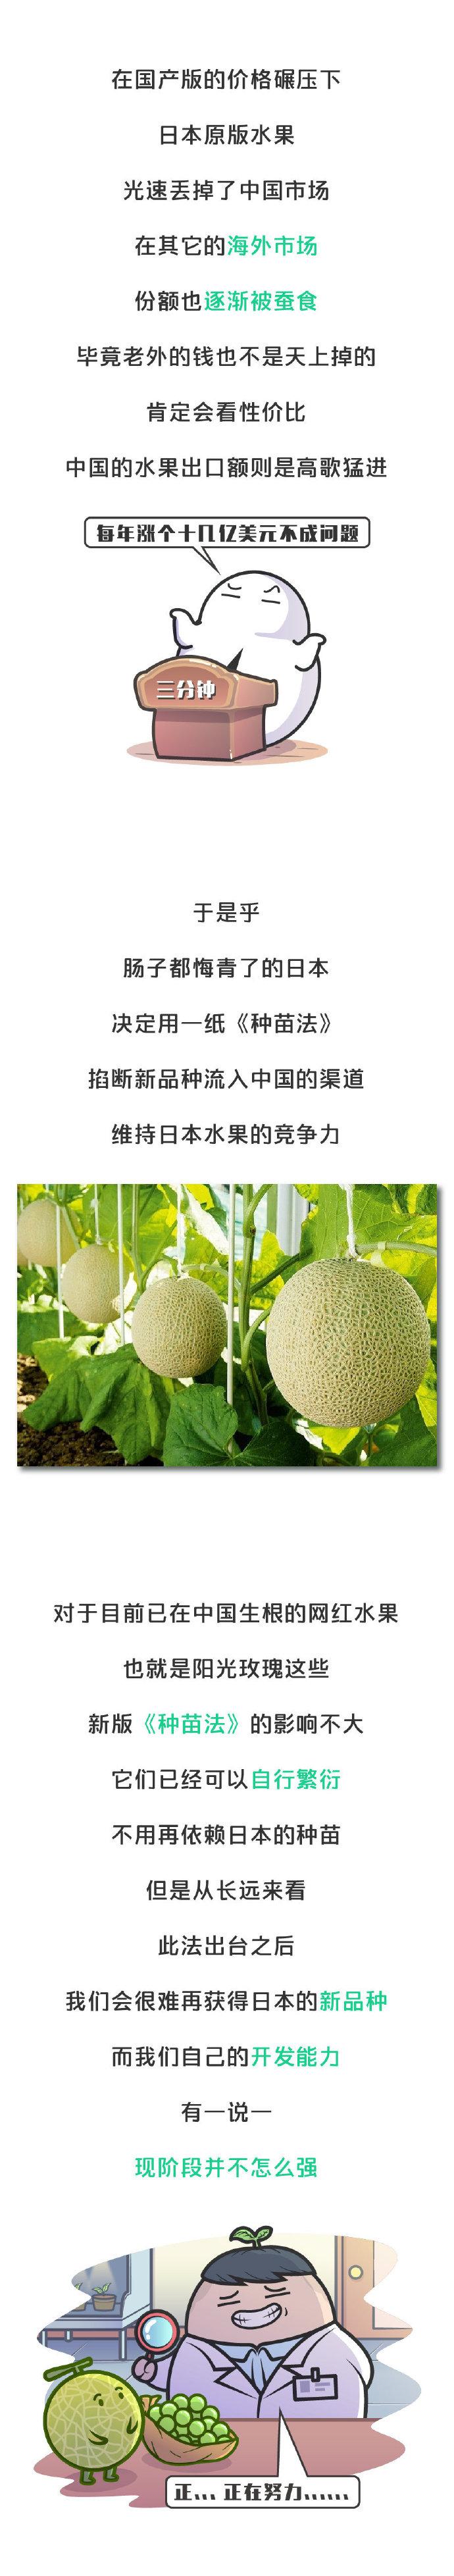 日本悄然发动水果战争!关乎我们每个人的水果自由